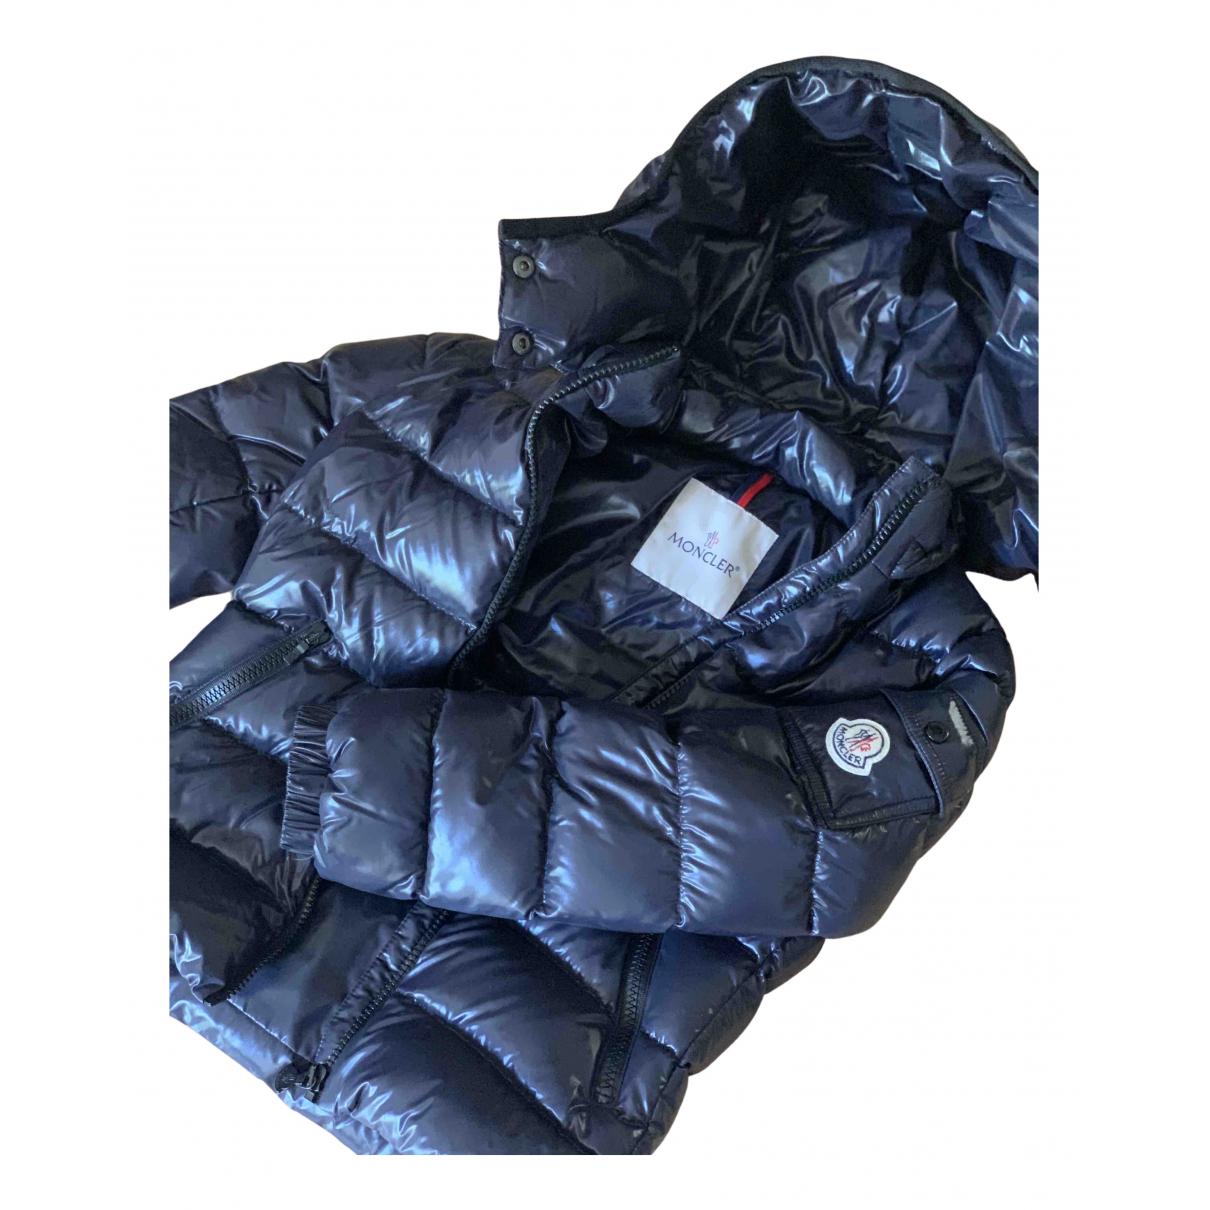 Moncler - Blousons.Manteaux   pour enfant - noir